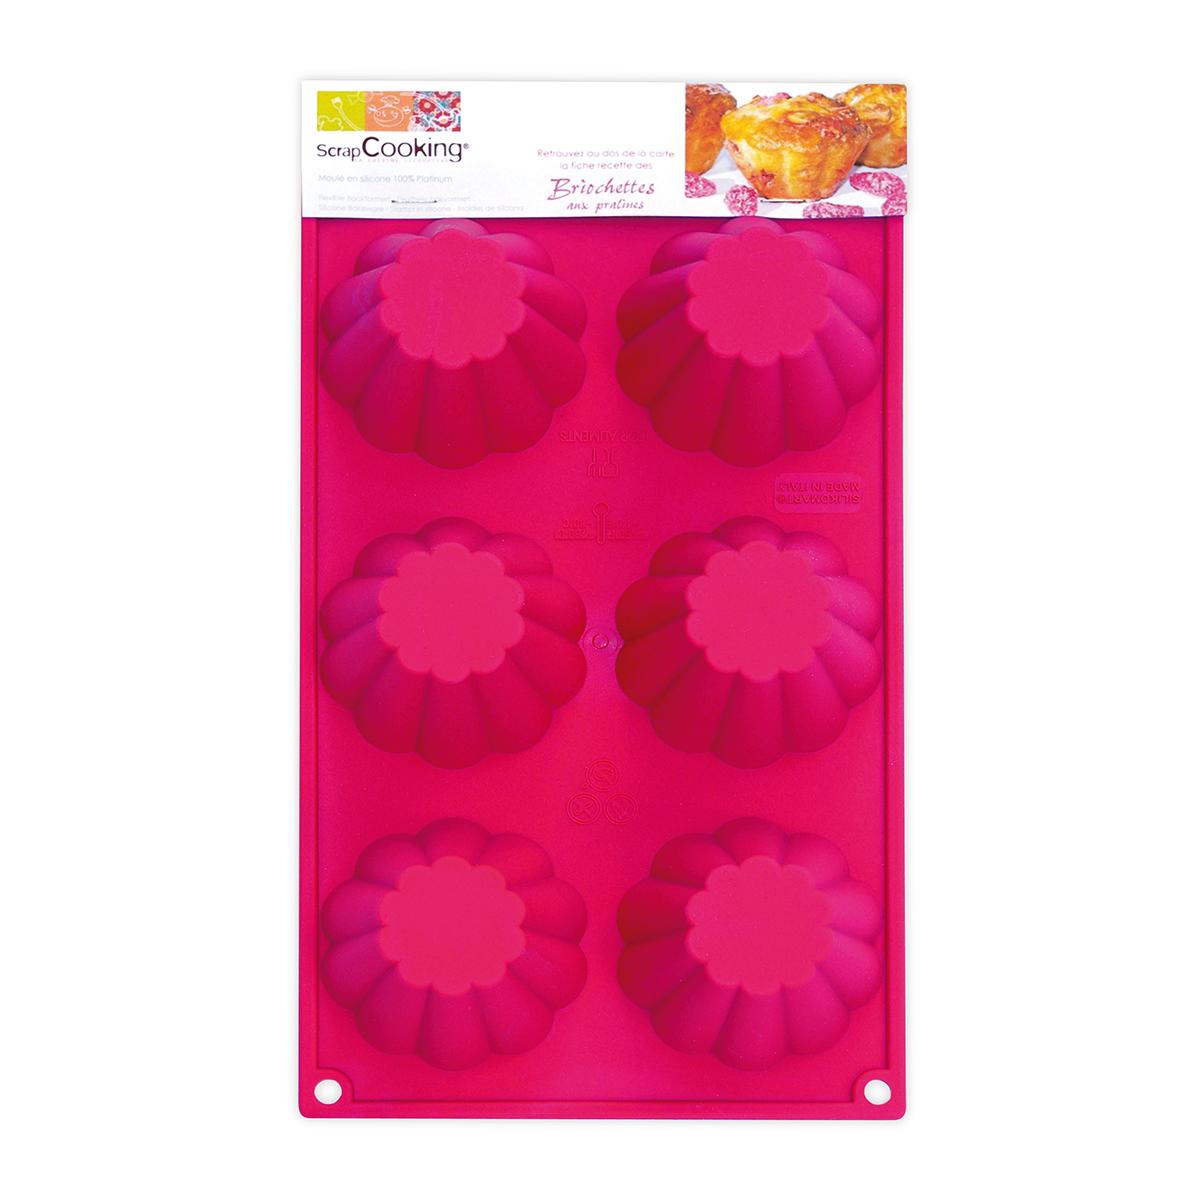 Image du produit Moules - 6 briochettes - Scrapcooking